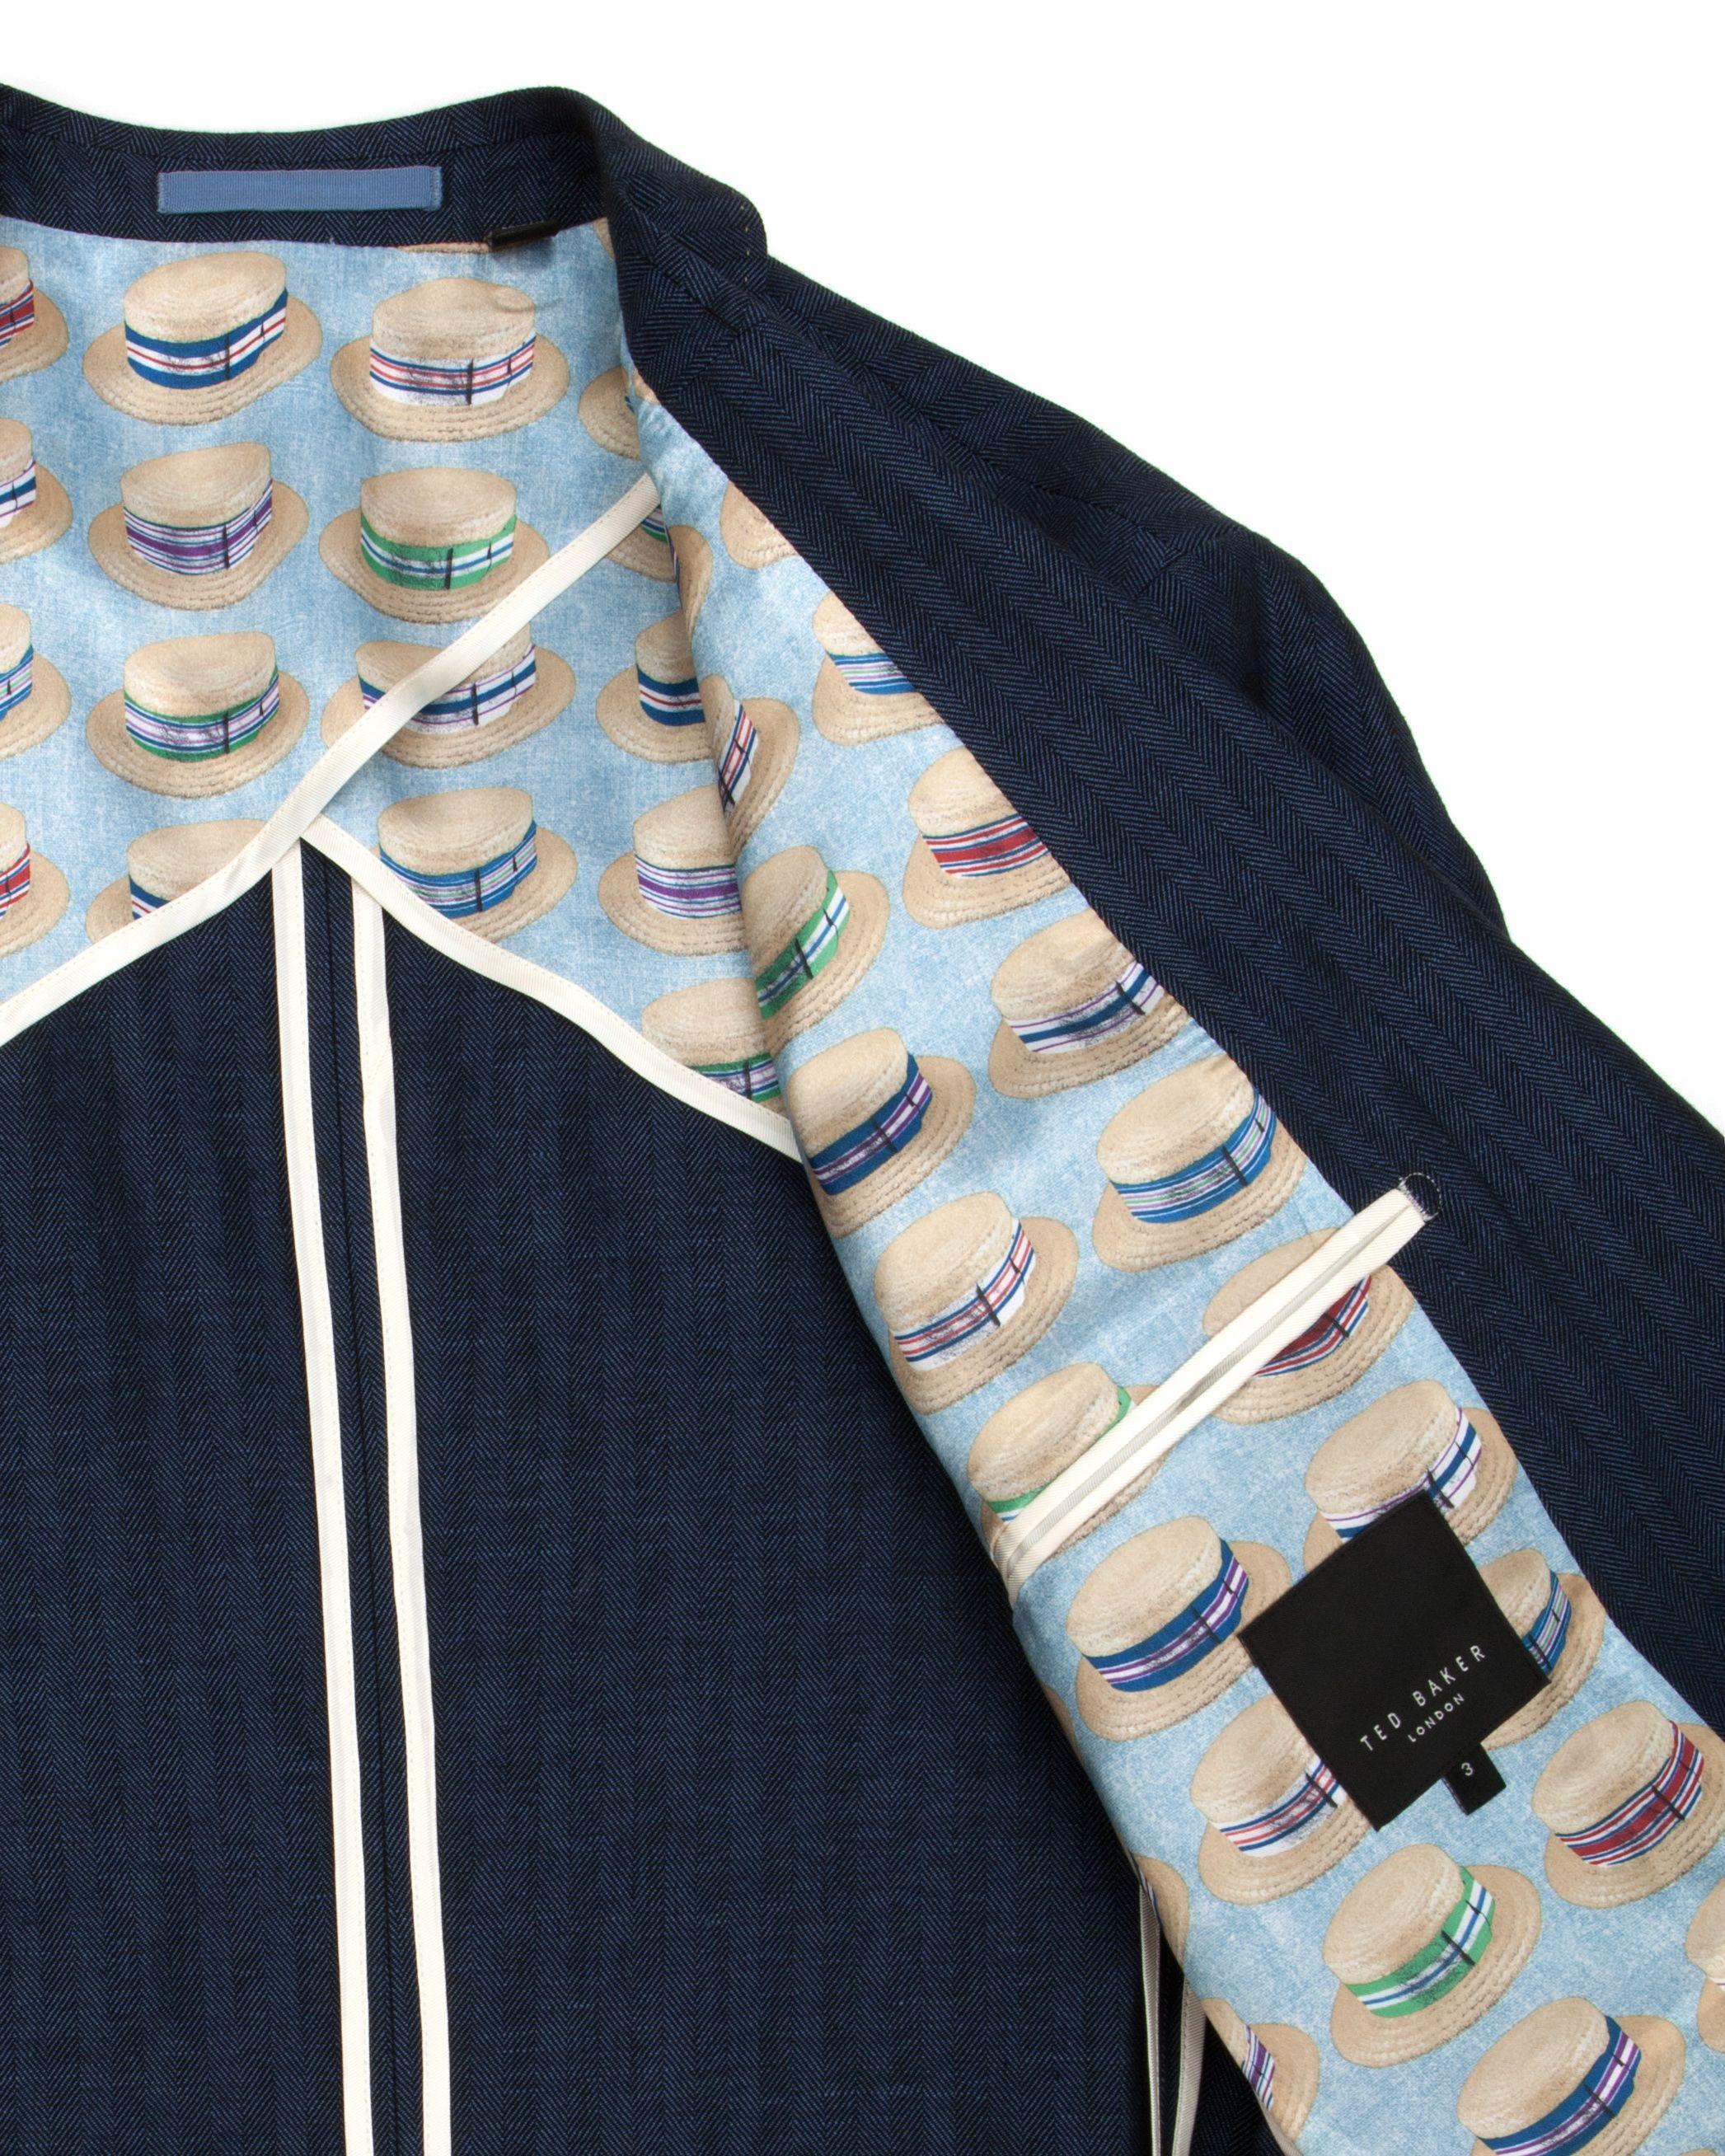 Ted Baker Breek Linen Herringbone Blazer in Navy (Blue) for Men